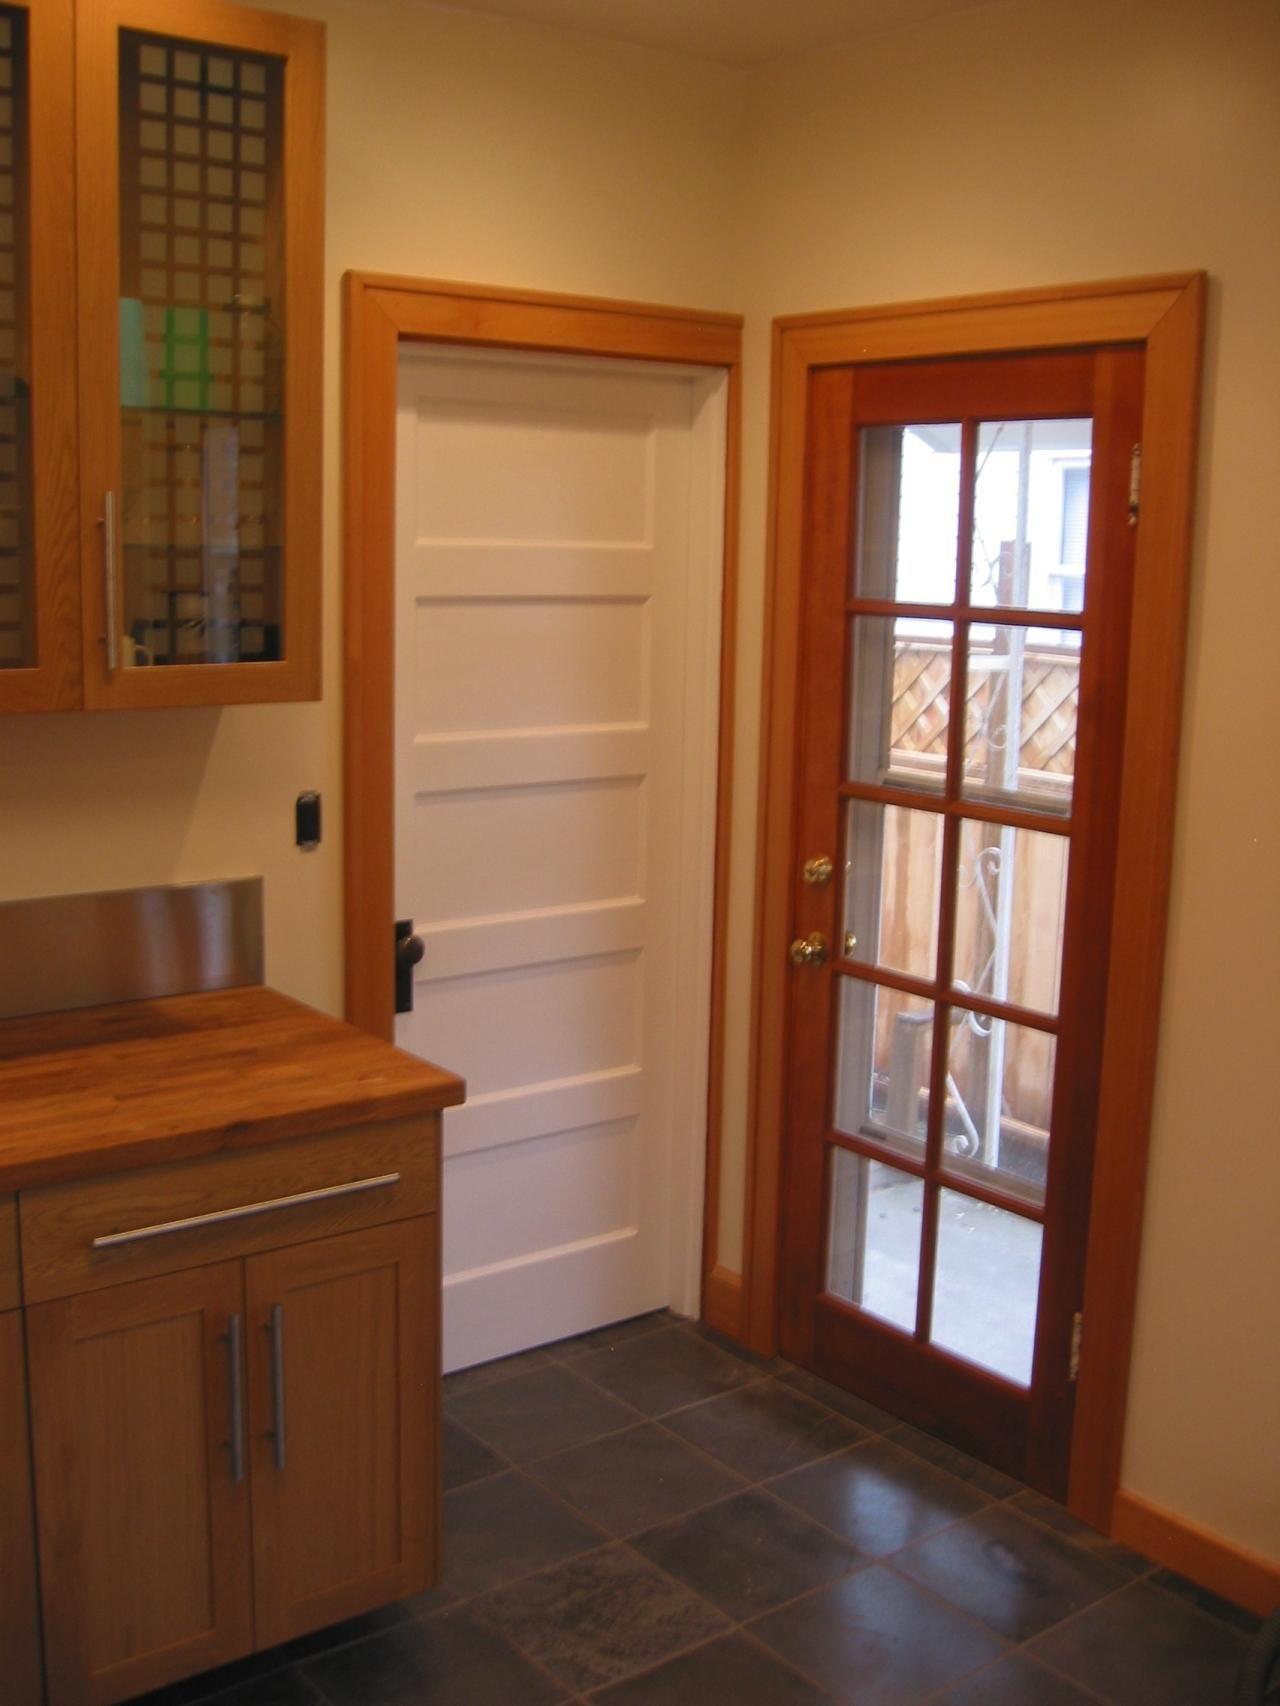 kitchen entry doors oxo utensils glass to backdoor and basement door